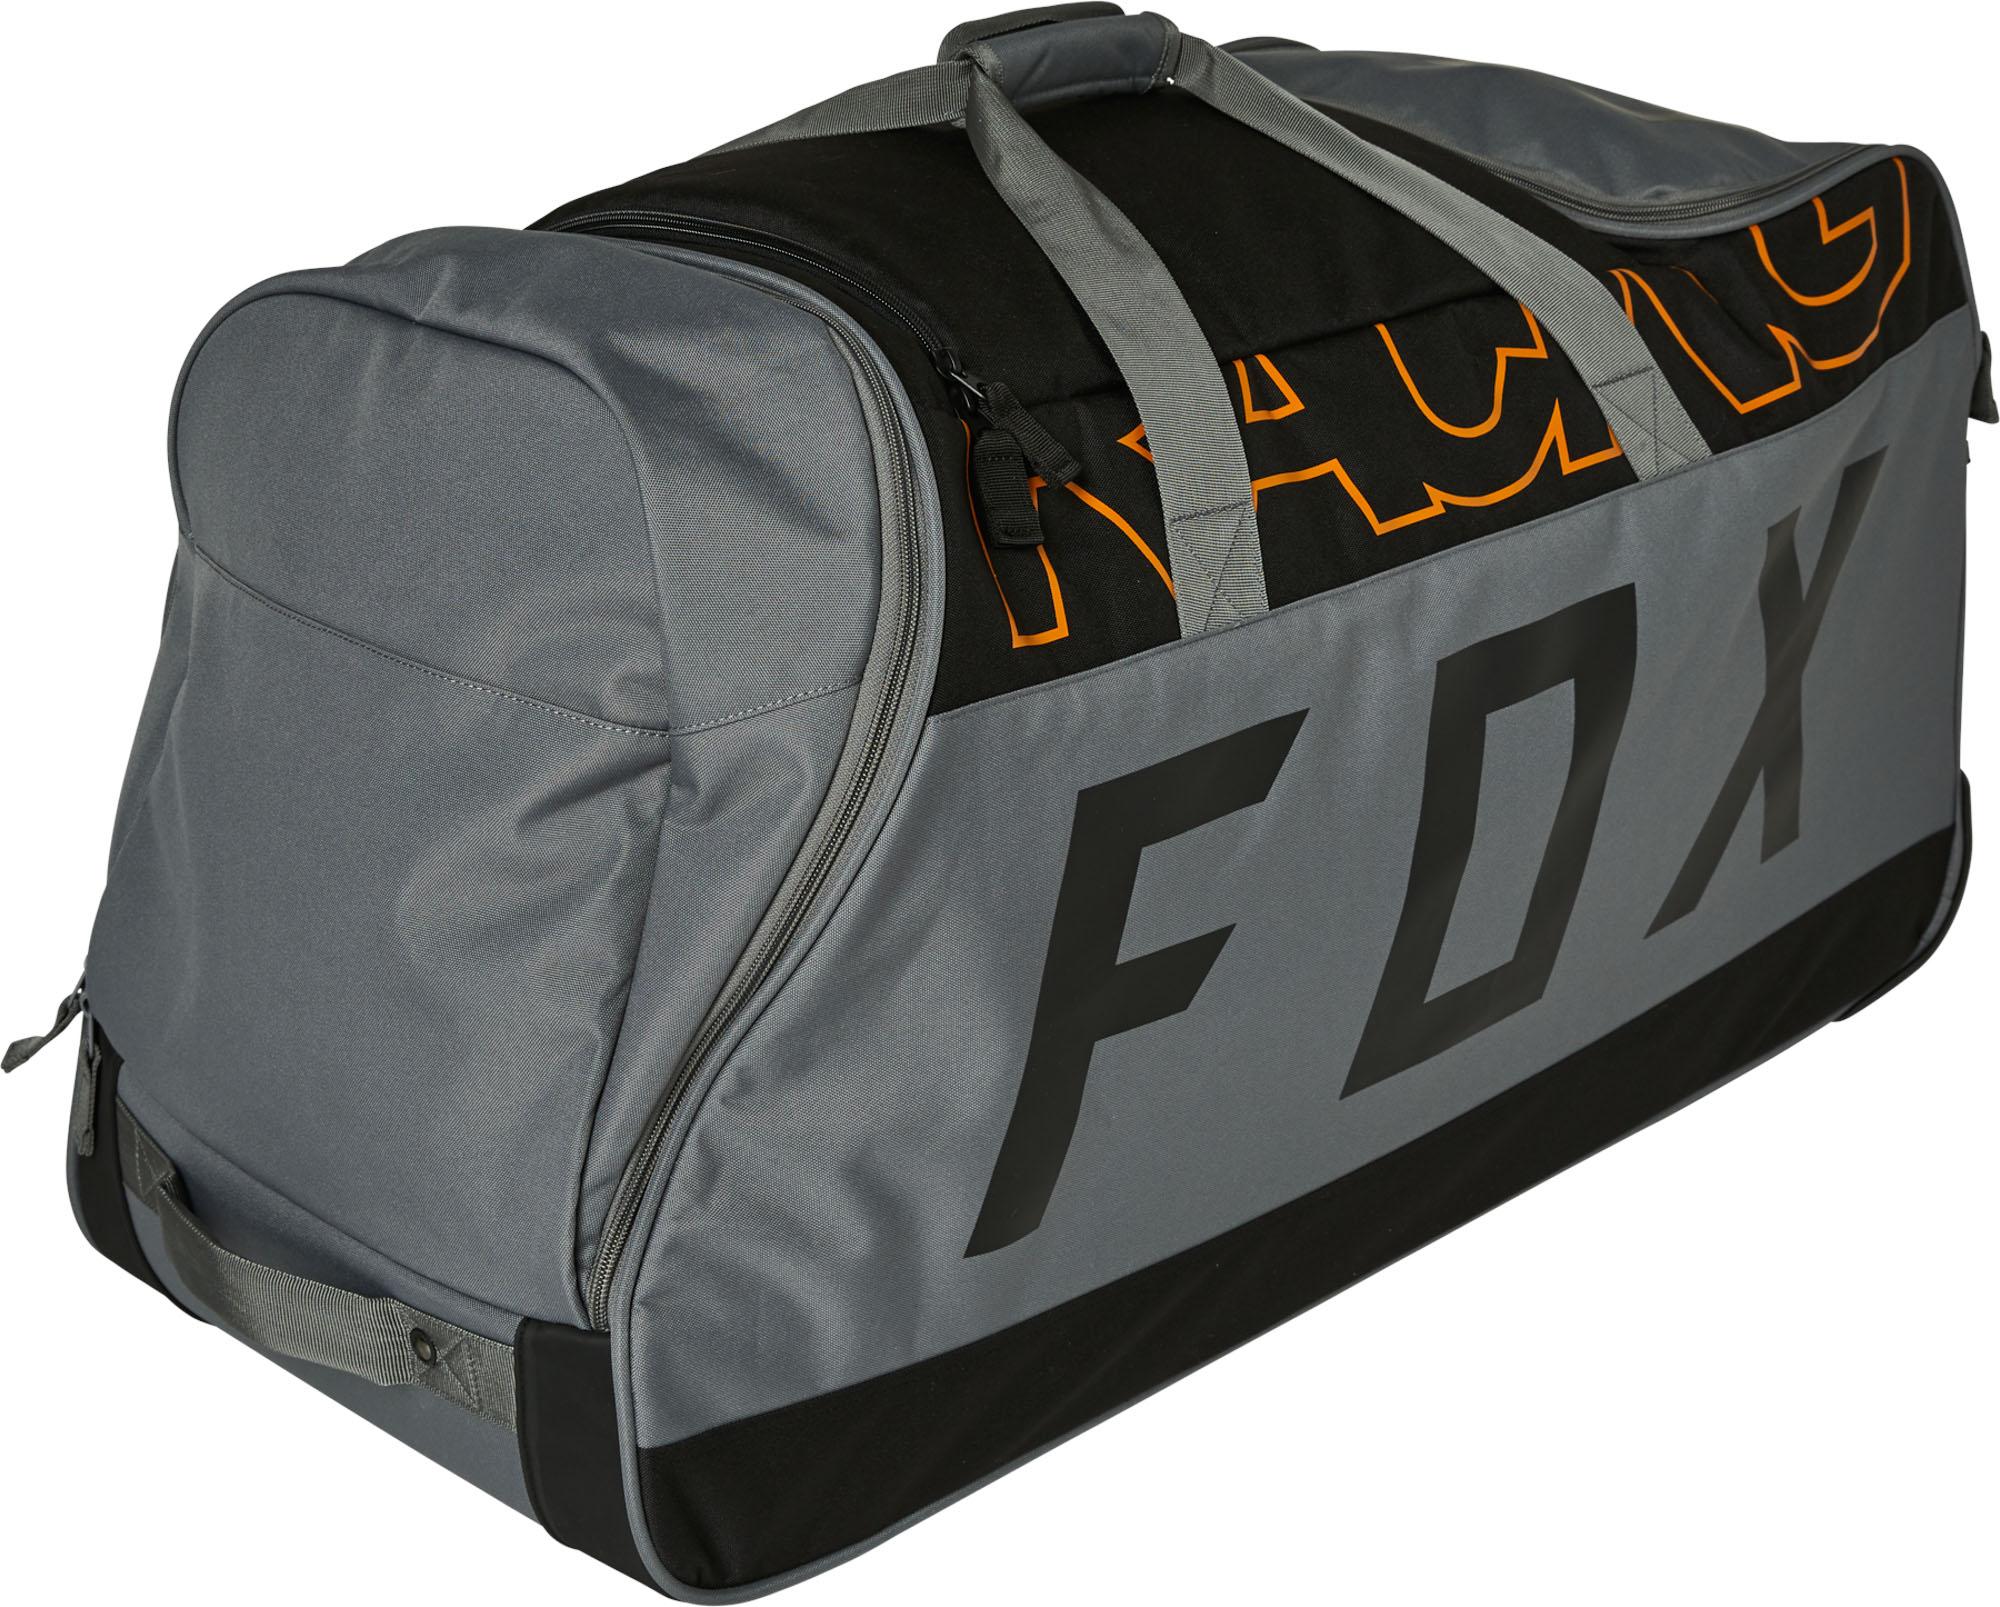 FOX Skew Shuttle 180 Roller - OS, BLACK/GOLD MX22